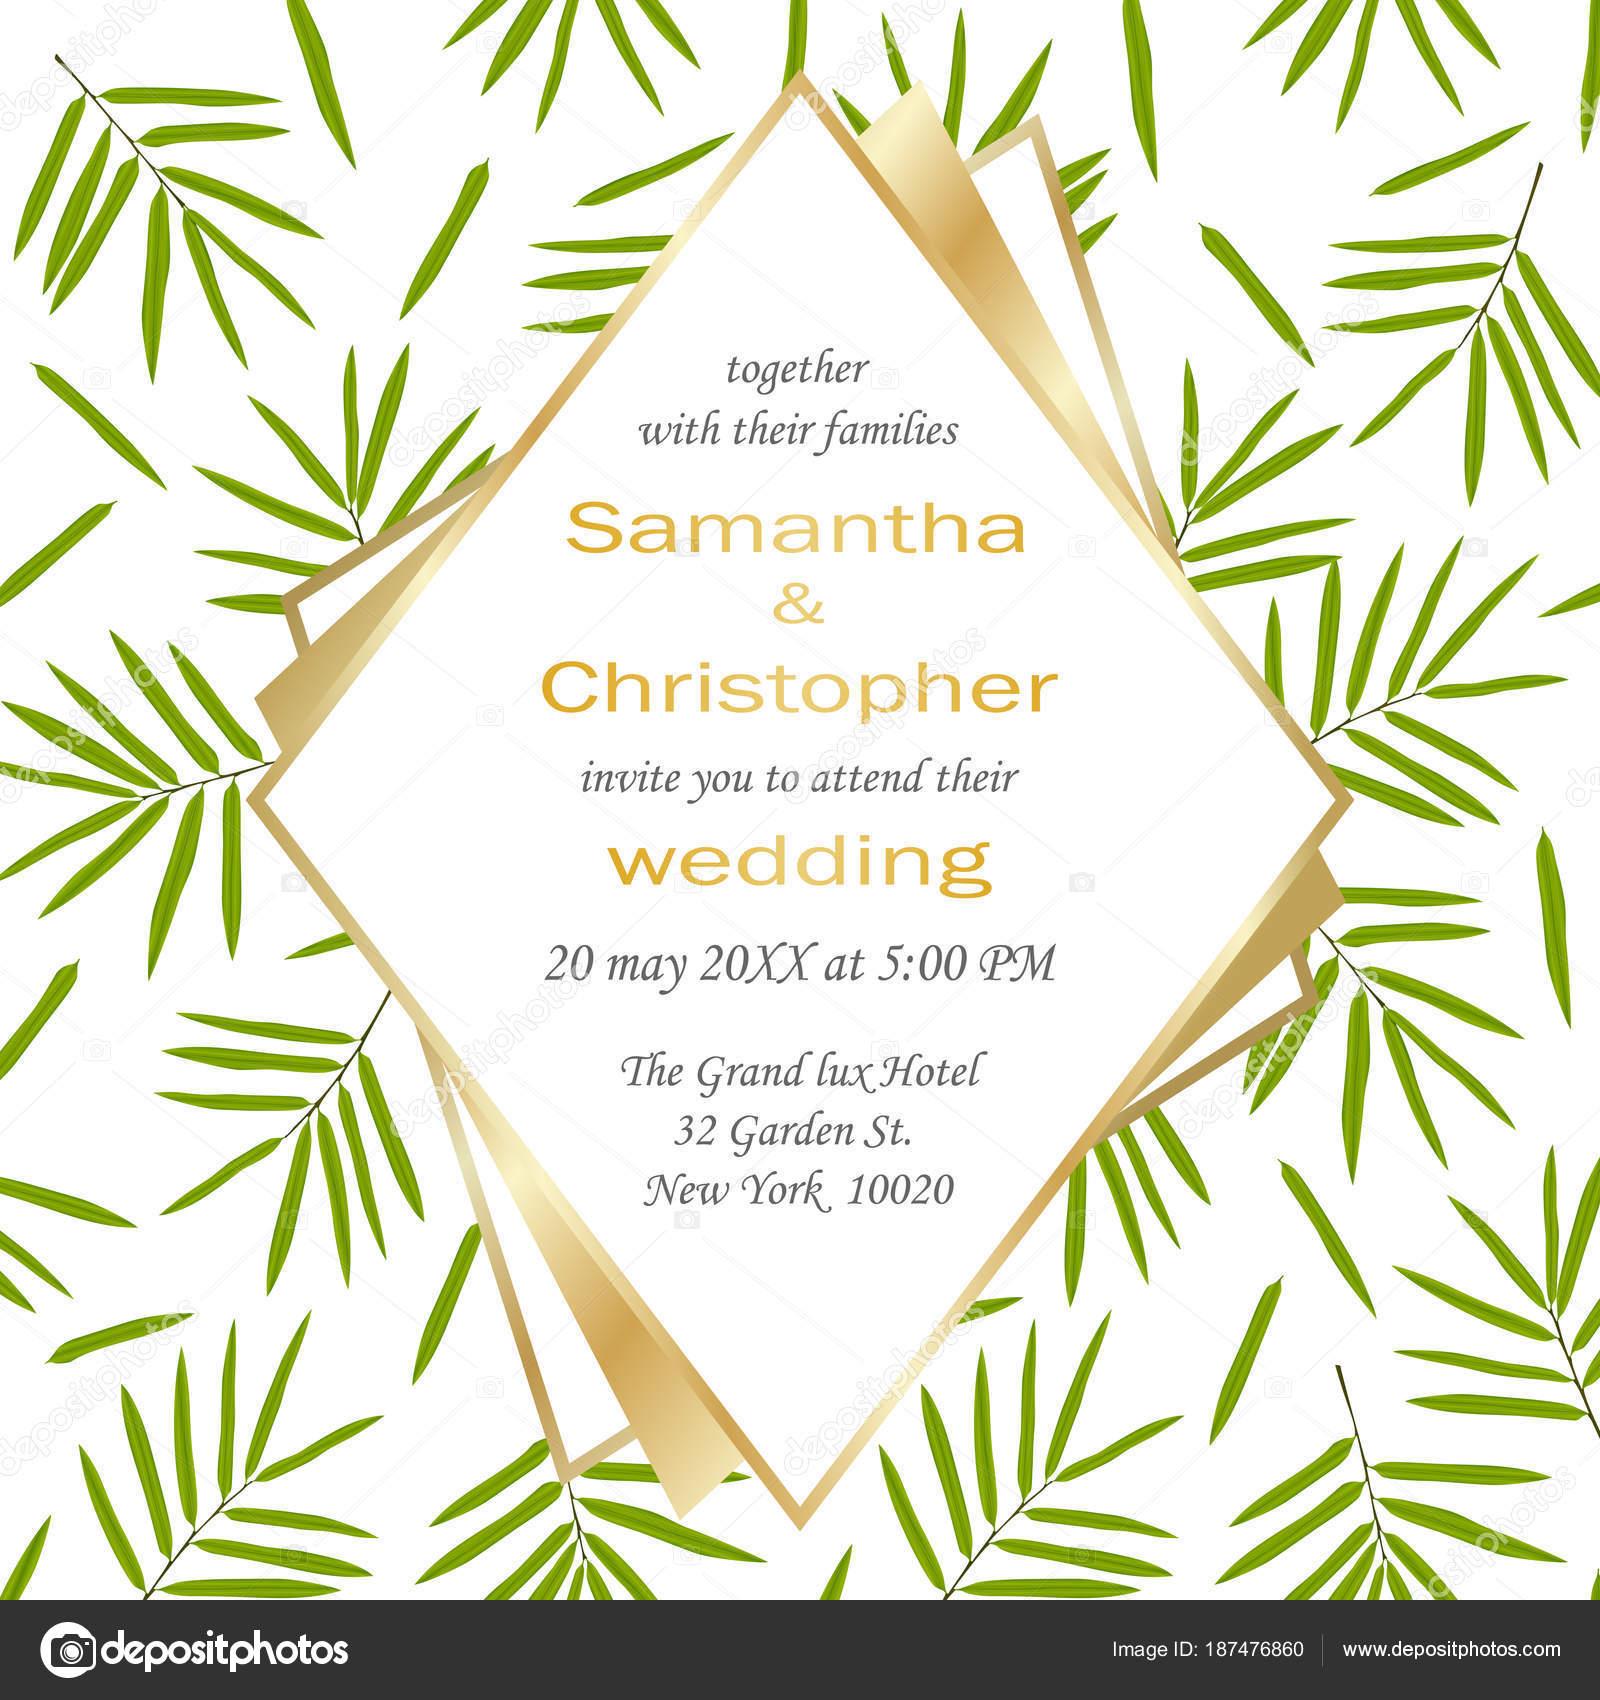 Hochzeit glamouröse blumigen einladungskarte mit geometrischen goldrahmen und bambus blätter auf weißem hintergrund mode grün botanische gruß laden mit